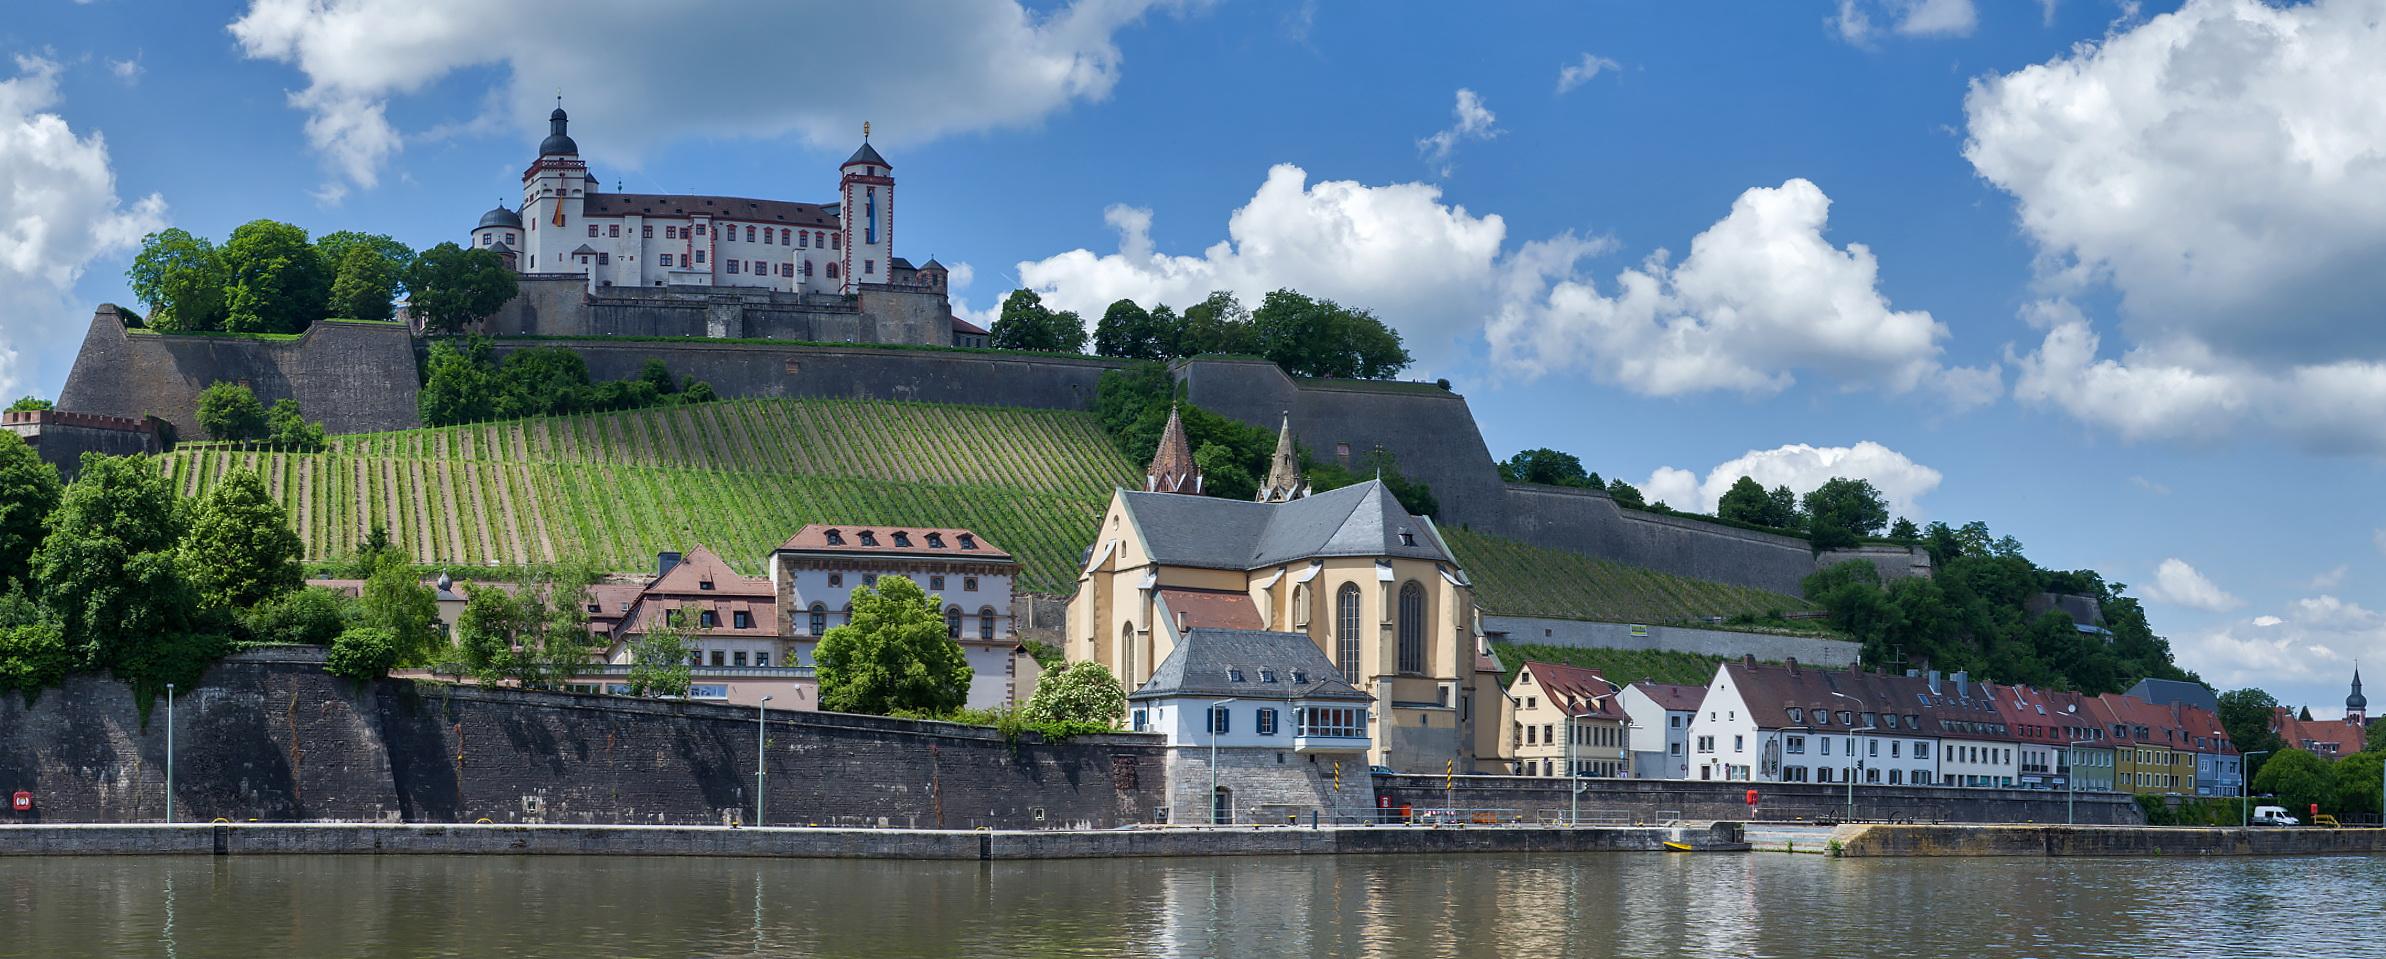 Würzburg 001